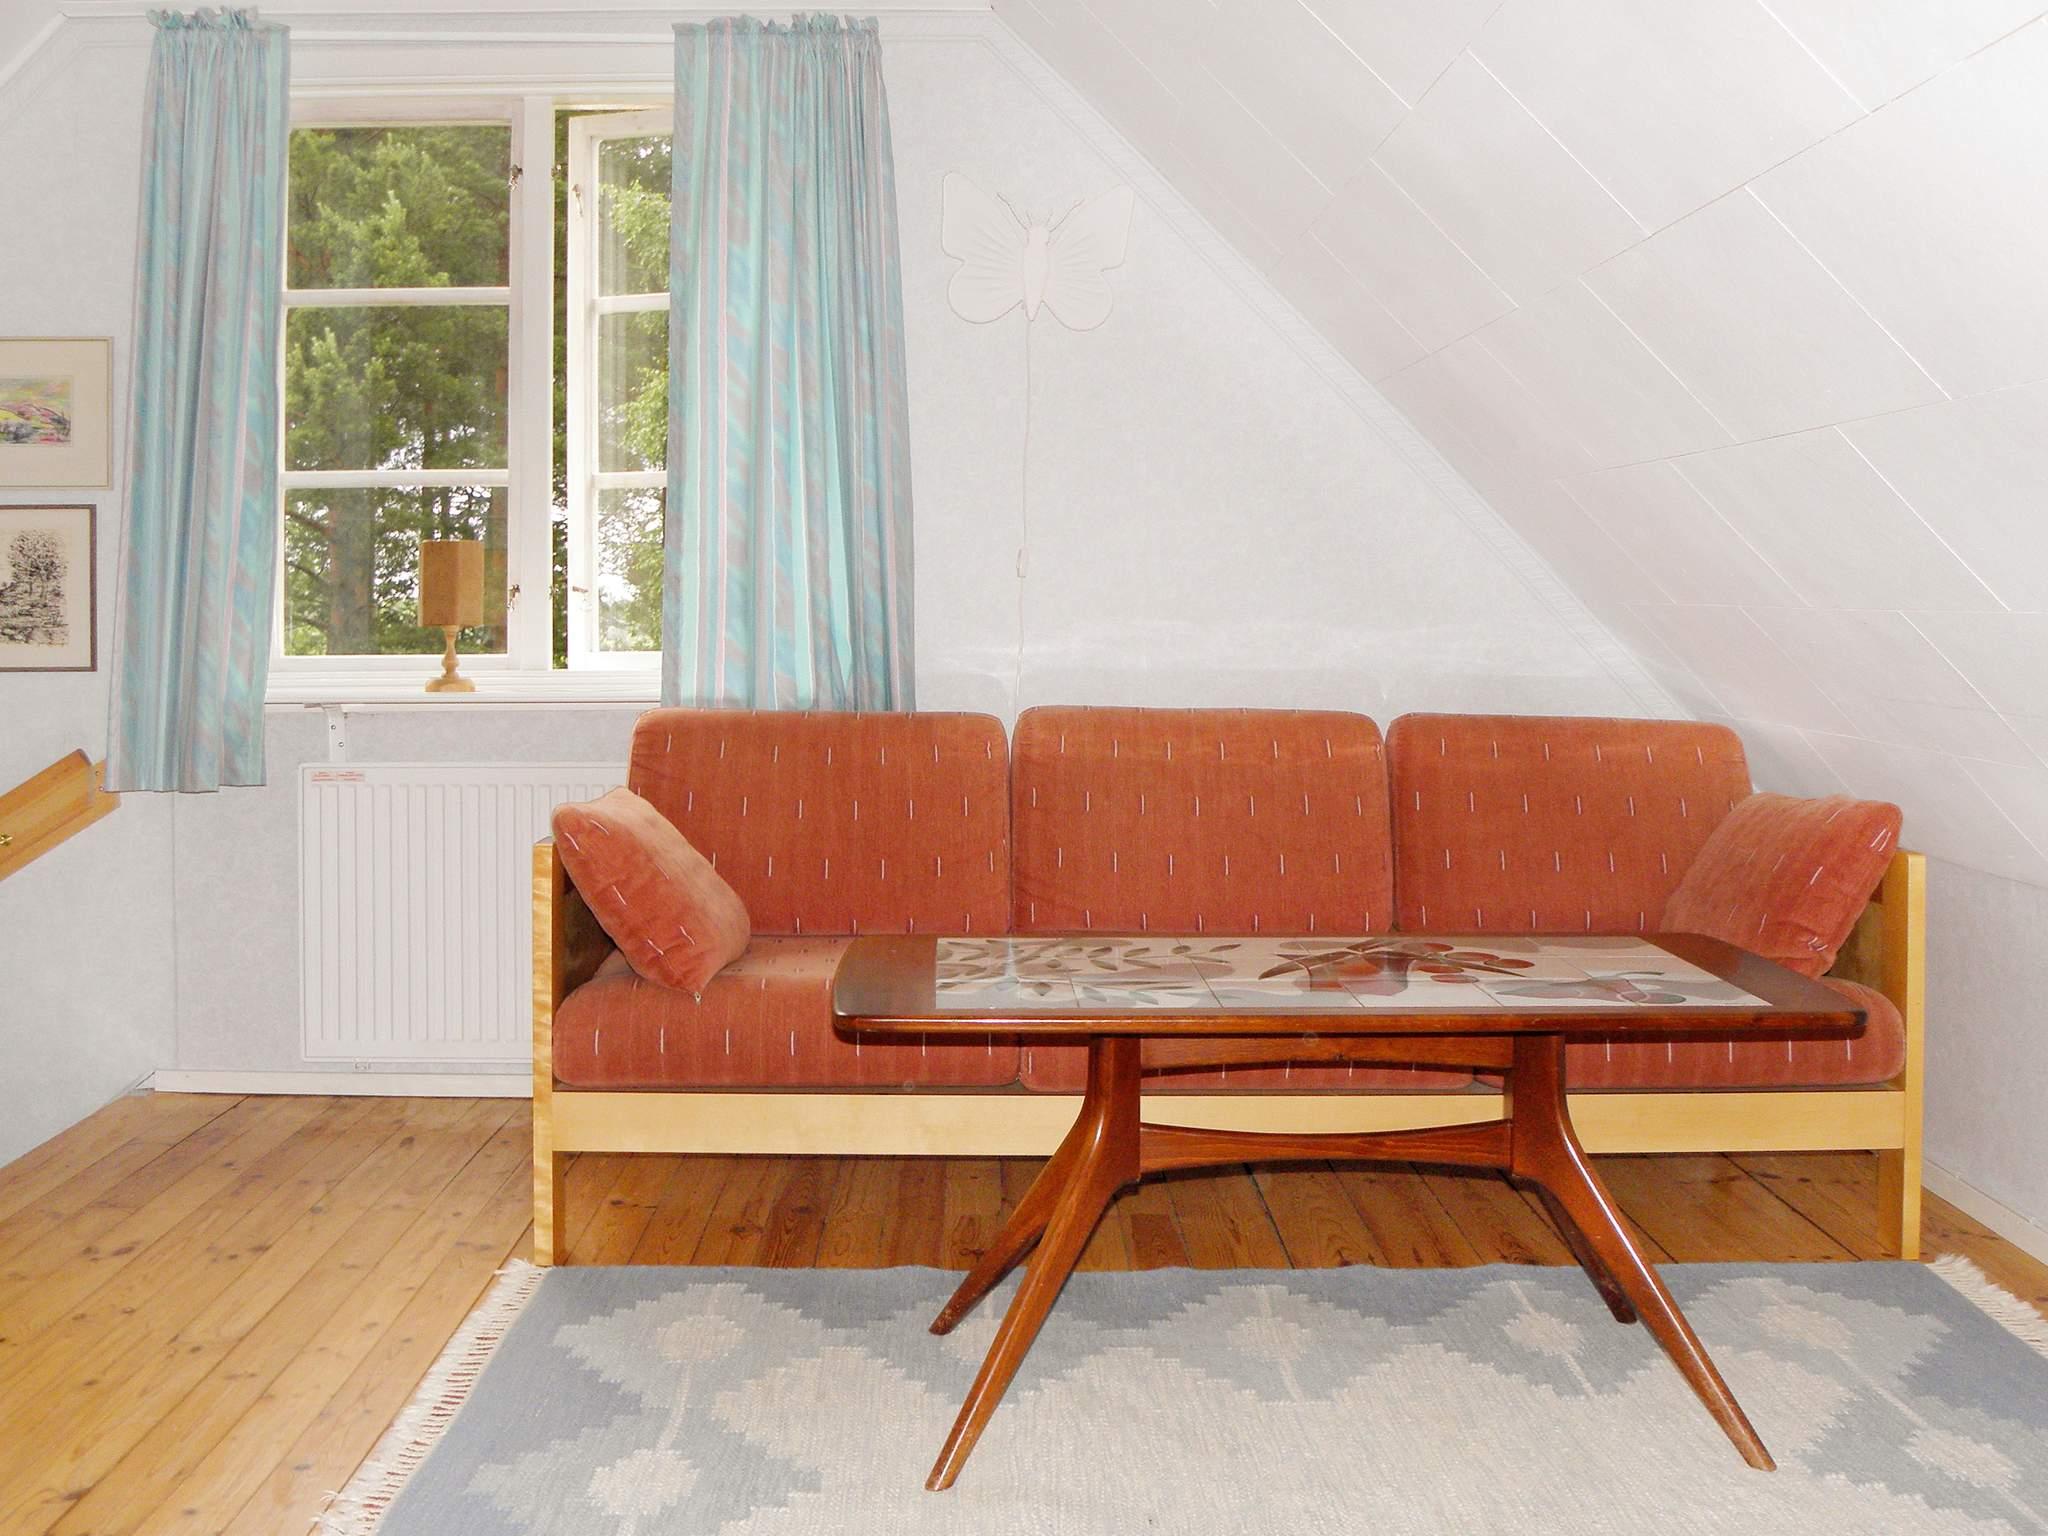 Ferienhaus Gullspång (82693), Gullspång, Västra Götaland län, Westschweden, Schweden, Bild 4